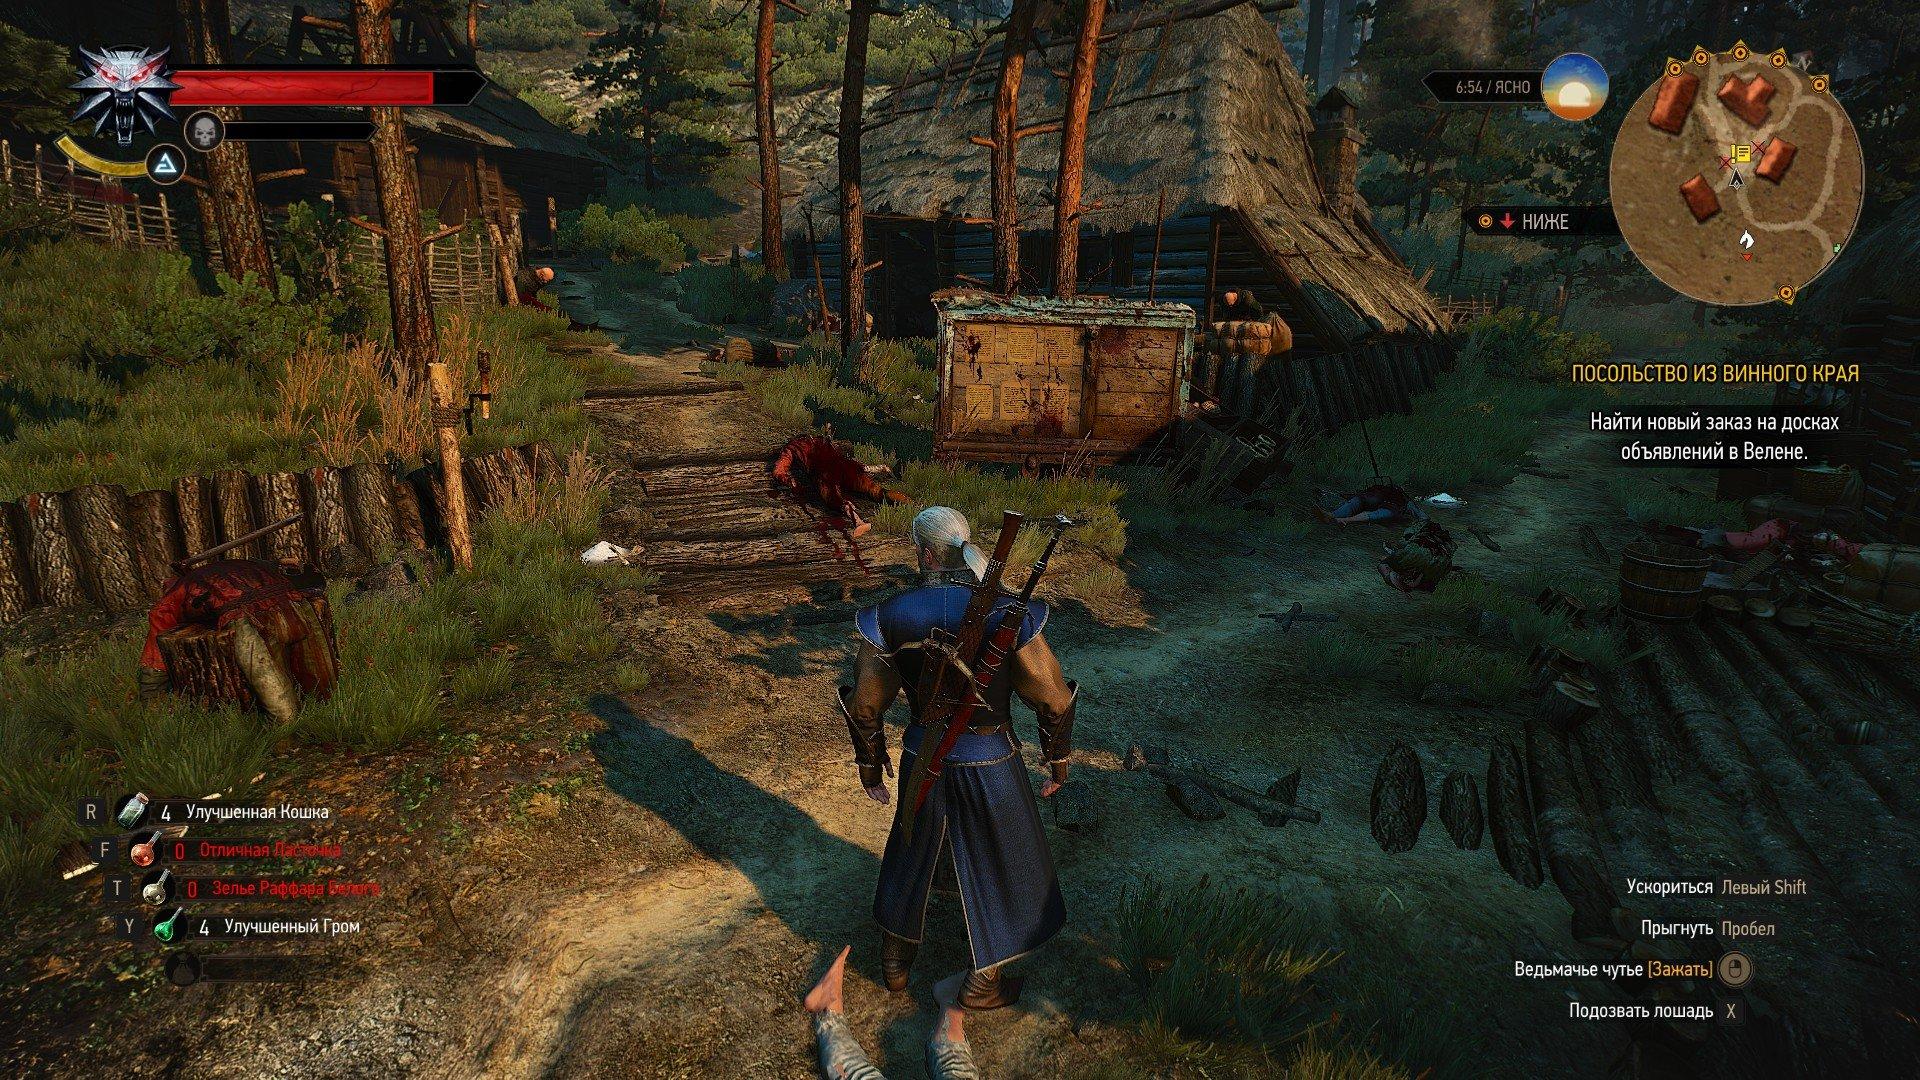 Вопль-прохождение Witcher 3: Кровь и Вино ... НАЧАЛО [ВНИМАНИЕ, ВОЗМОЖНЫ СПОЙЛЕРЫ] - Изображение 4